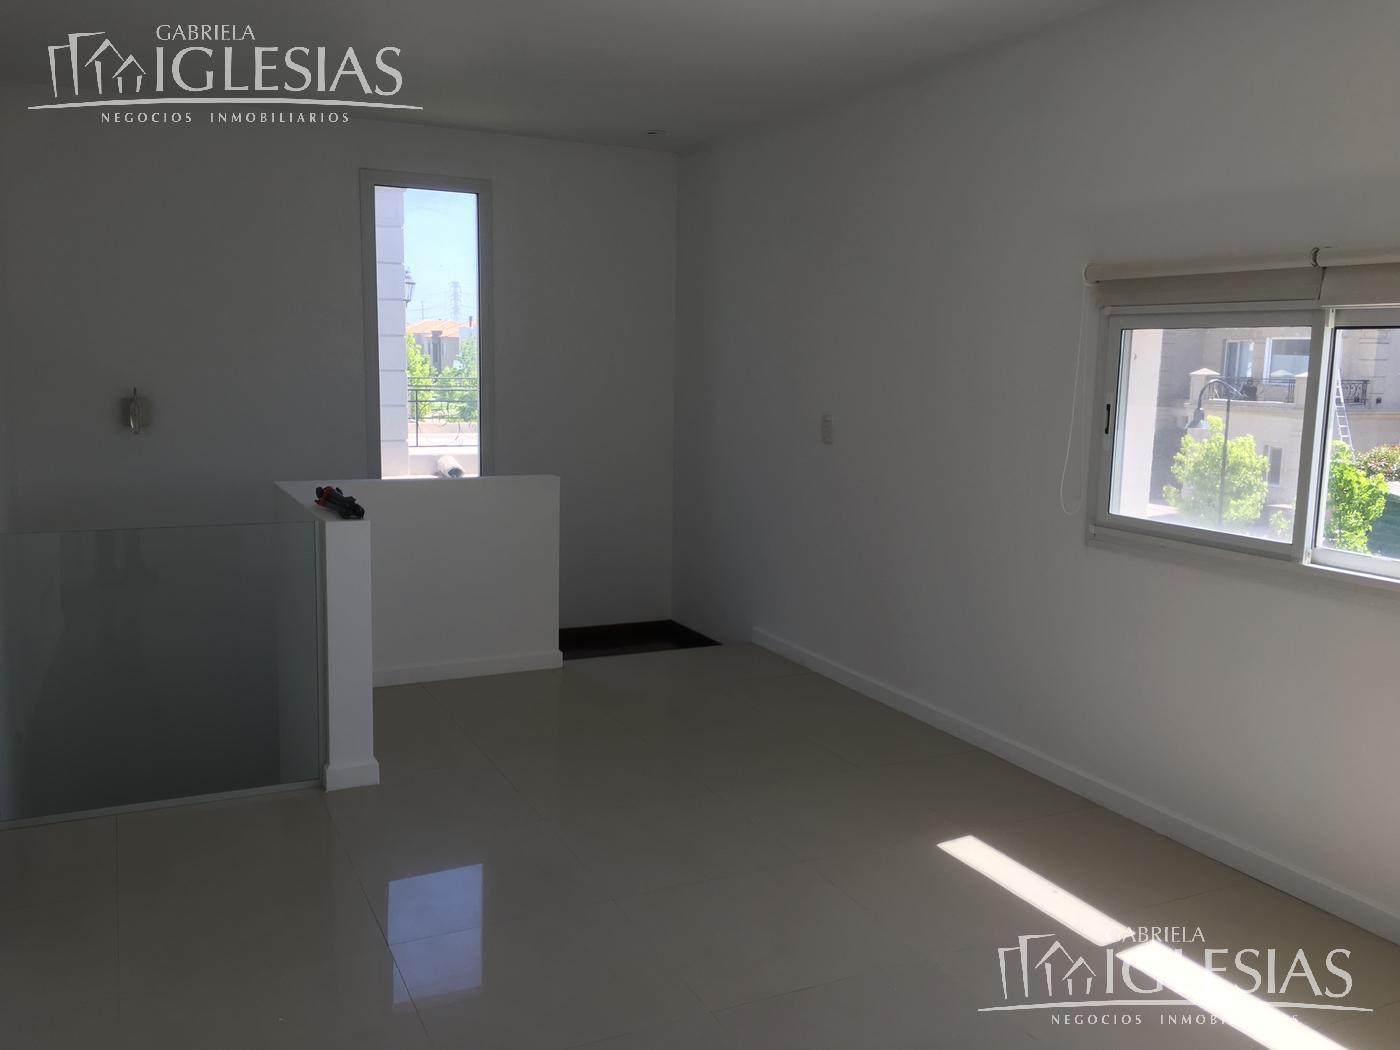 Casa en Venta en Nordelta Los Lagos a Venta - u$s 450.000